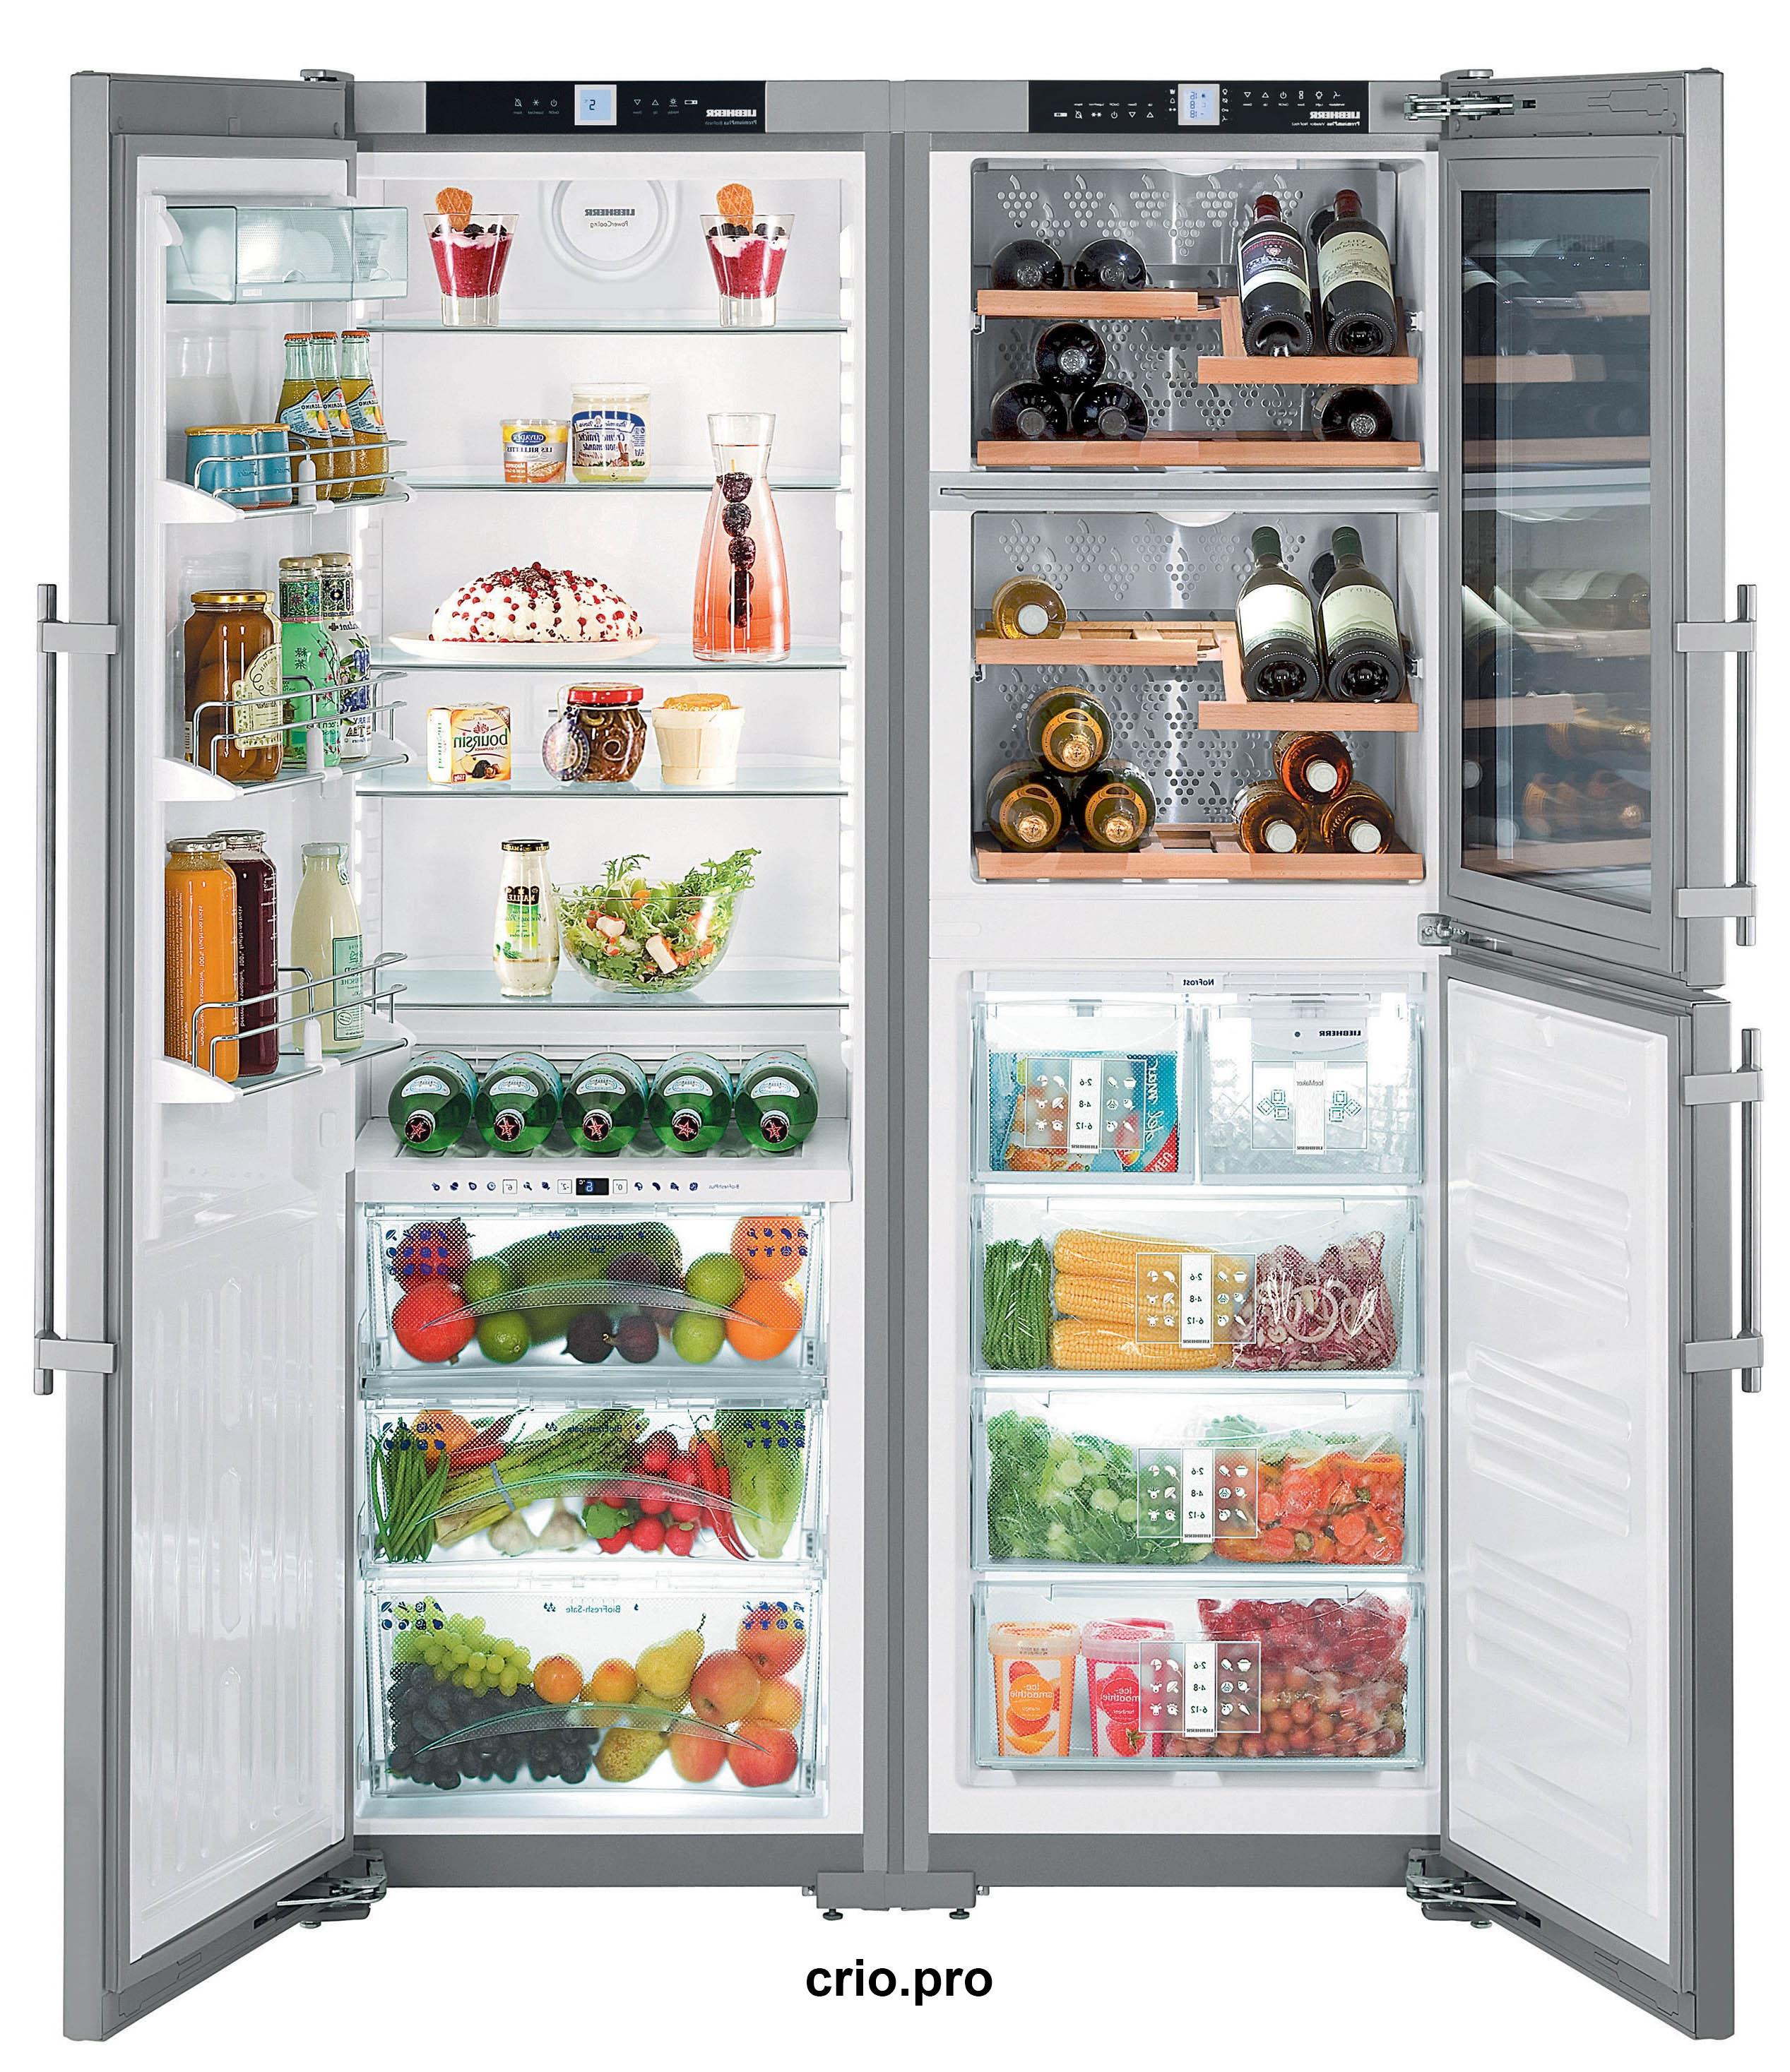 Основные характеристики холодильника